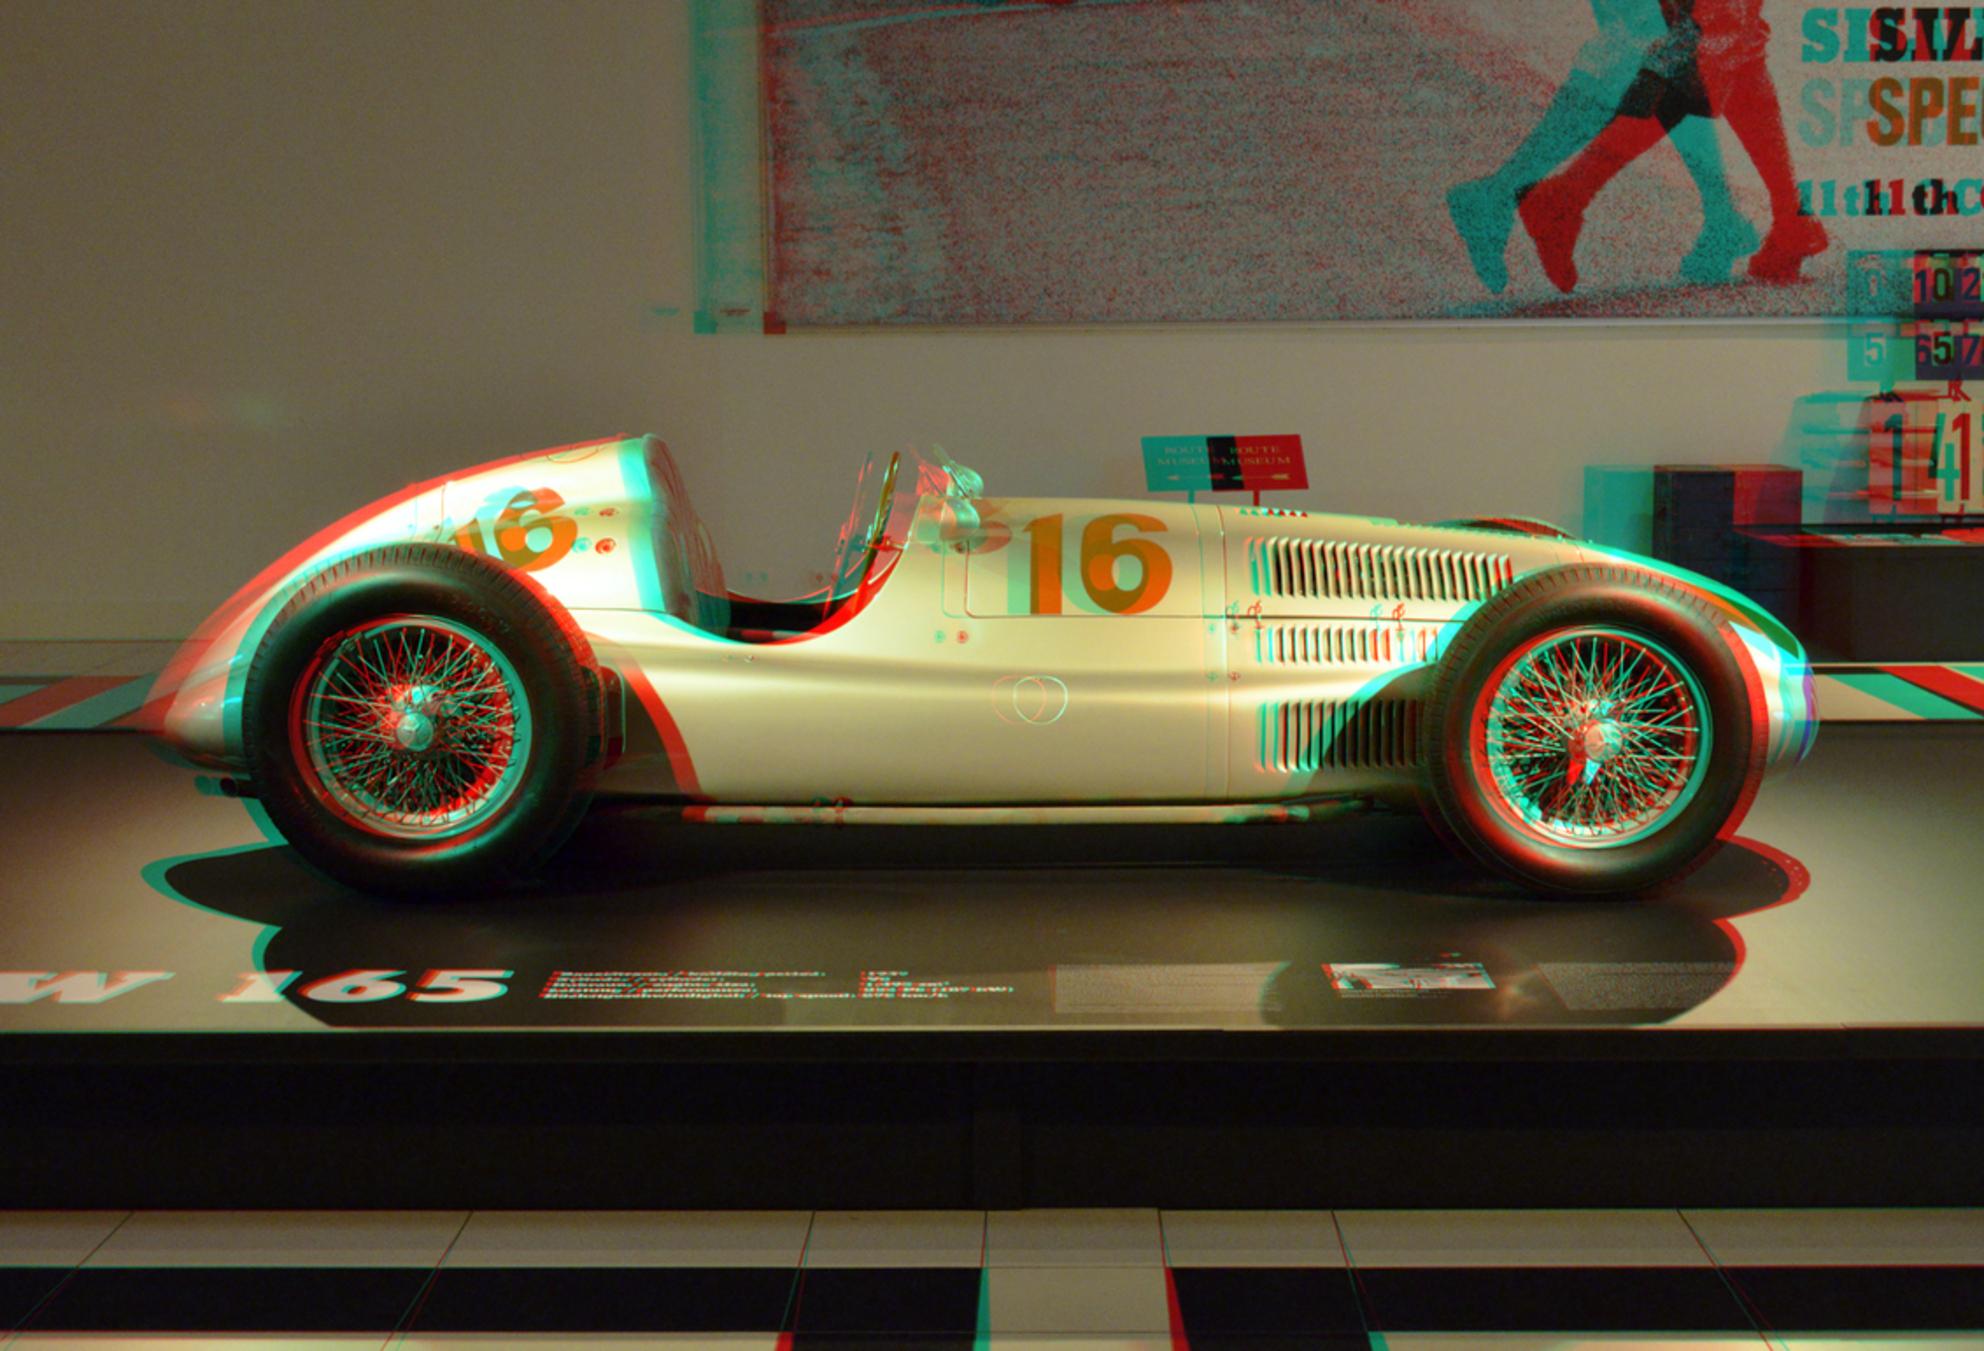 Louwman Automuseum 3D - Louwman Automuseum 3D - foto door hoppenbrouwers op 02-04-2020 - deze foto bevat: 3d, mercedes, anaglyph, stereo, automuseum, louwman, car red/cyan - Deze foto mag gebruikt worden in een Zoom.nl publicatie